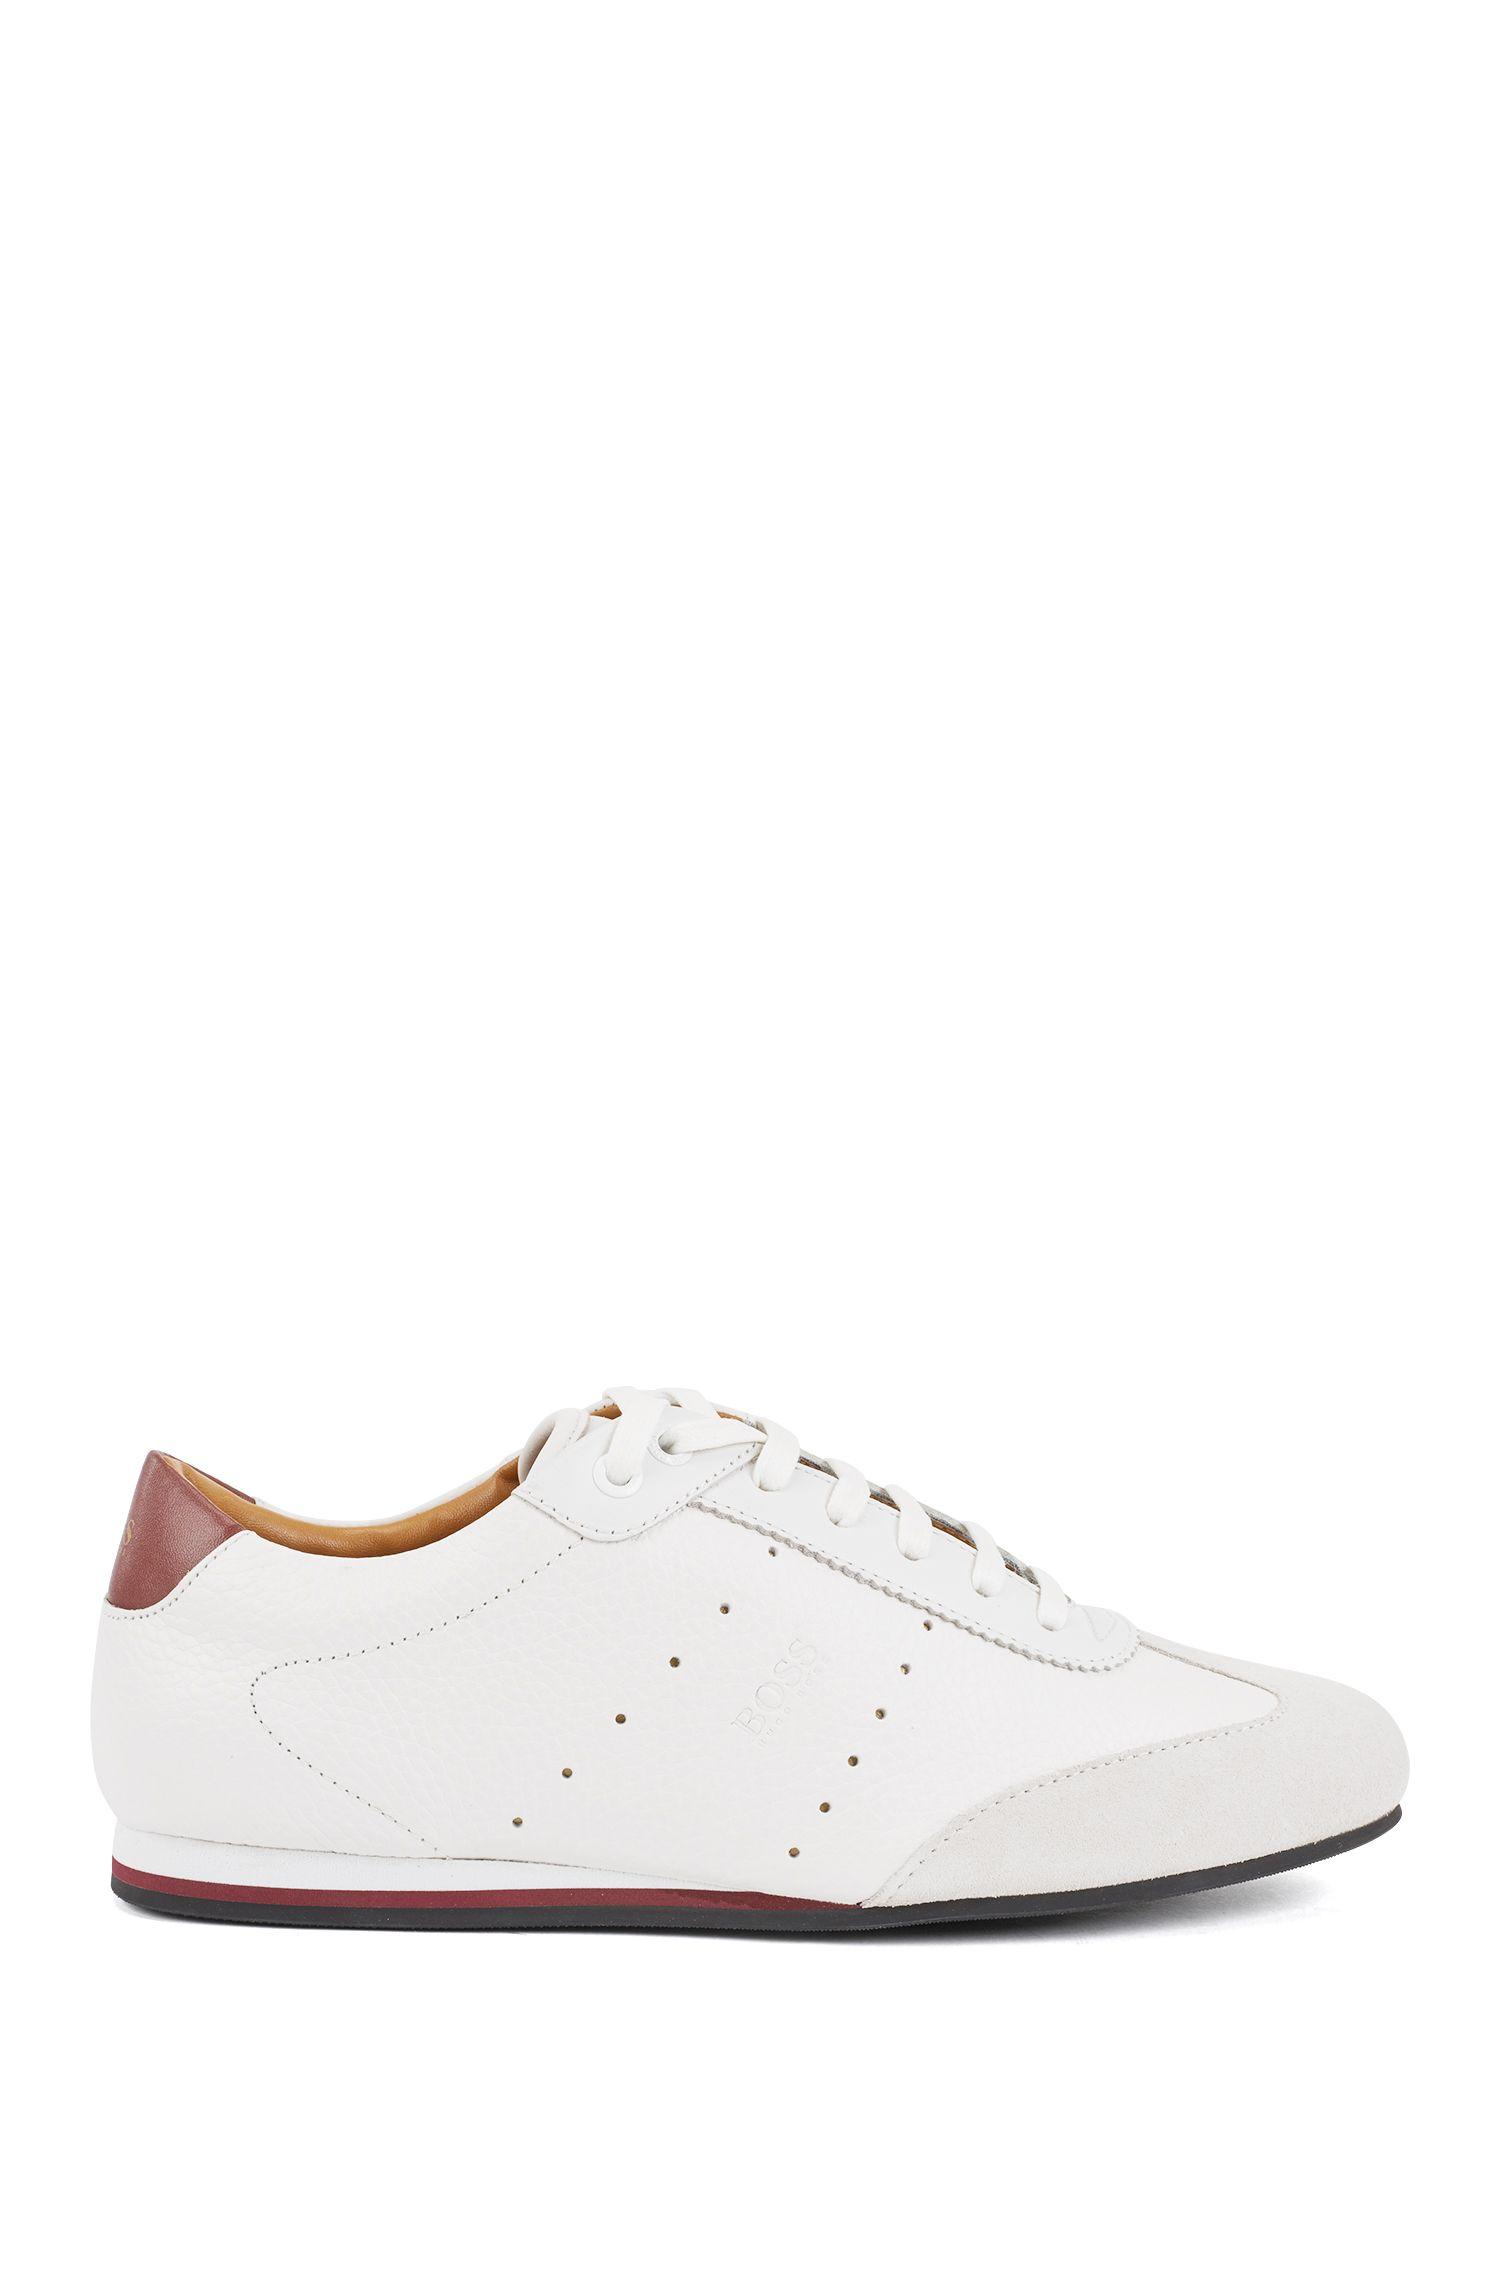 Lowtop Sneakers aus Veloursleder und gewalktem Leder, Weiß